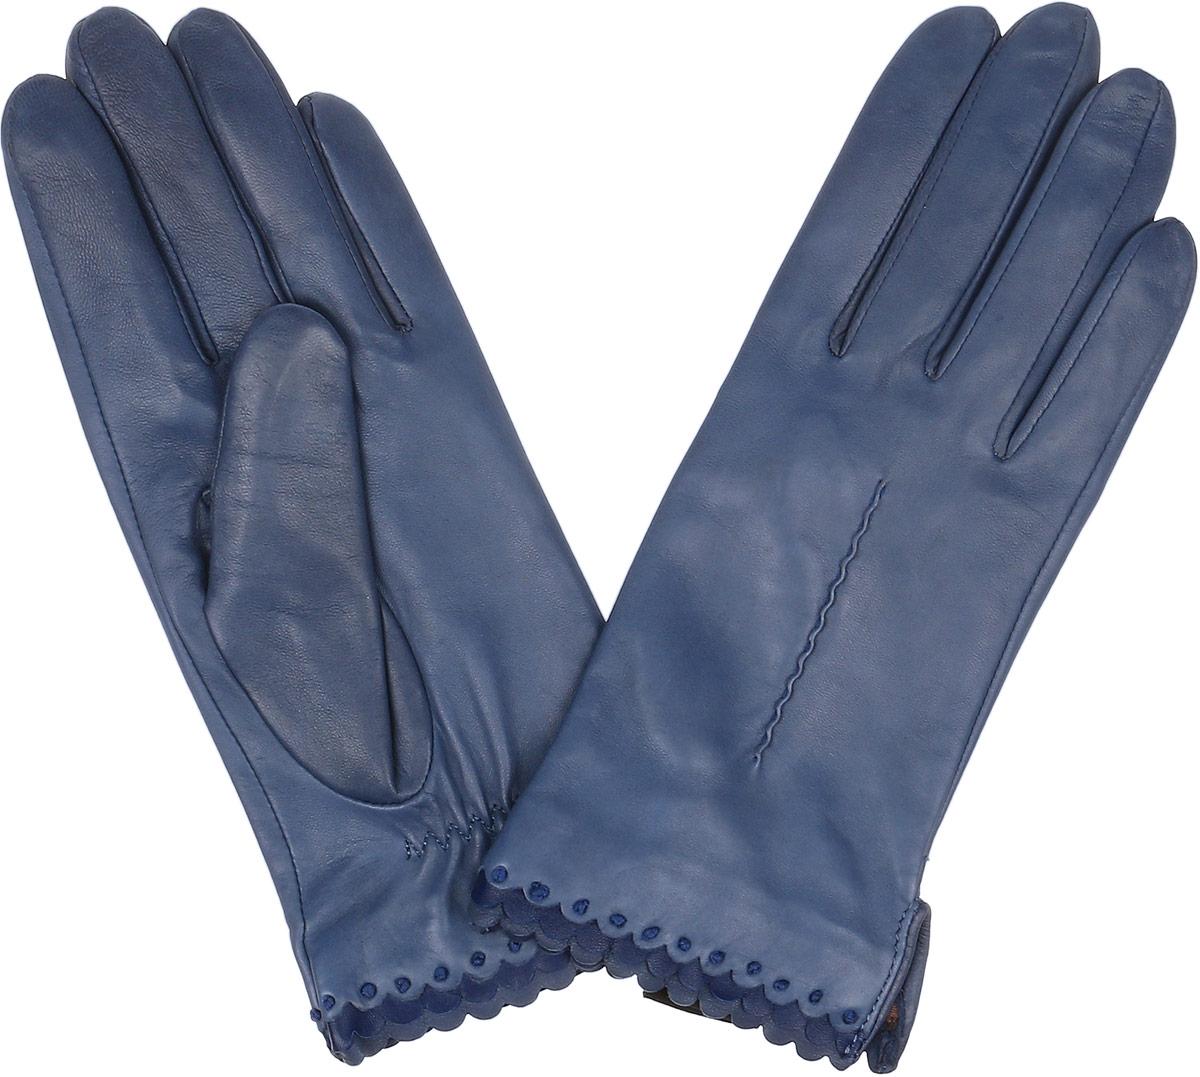 Перчатки2.80-11s blueСтильные женские перчатки Fabretti не только защитят ваши руки, но и станут великолепным украшением. Перчатки выполнены из натуральной кожи ягненка, а их подкладка - из высококачественного шелка. Модель оформлена оригинальной каймой и строчками-стежками на запястье. Стильный аксессуар для повседневного образа.